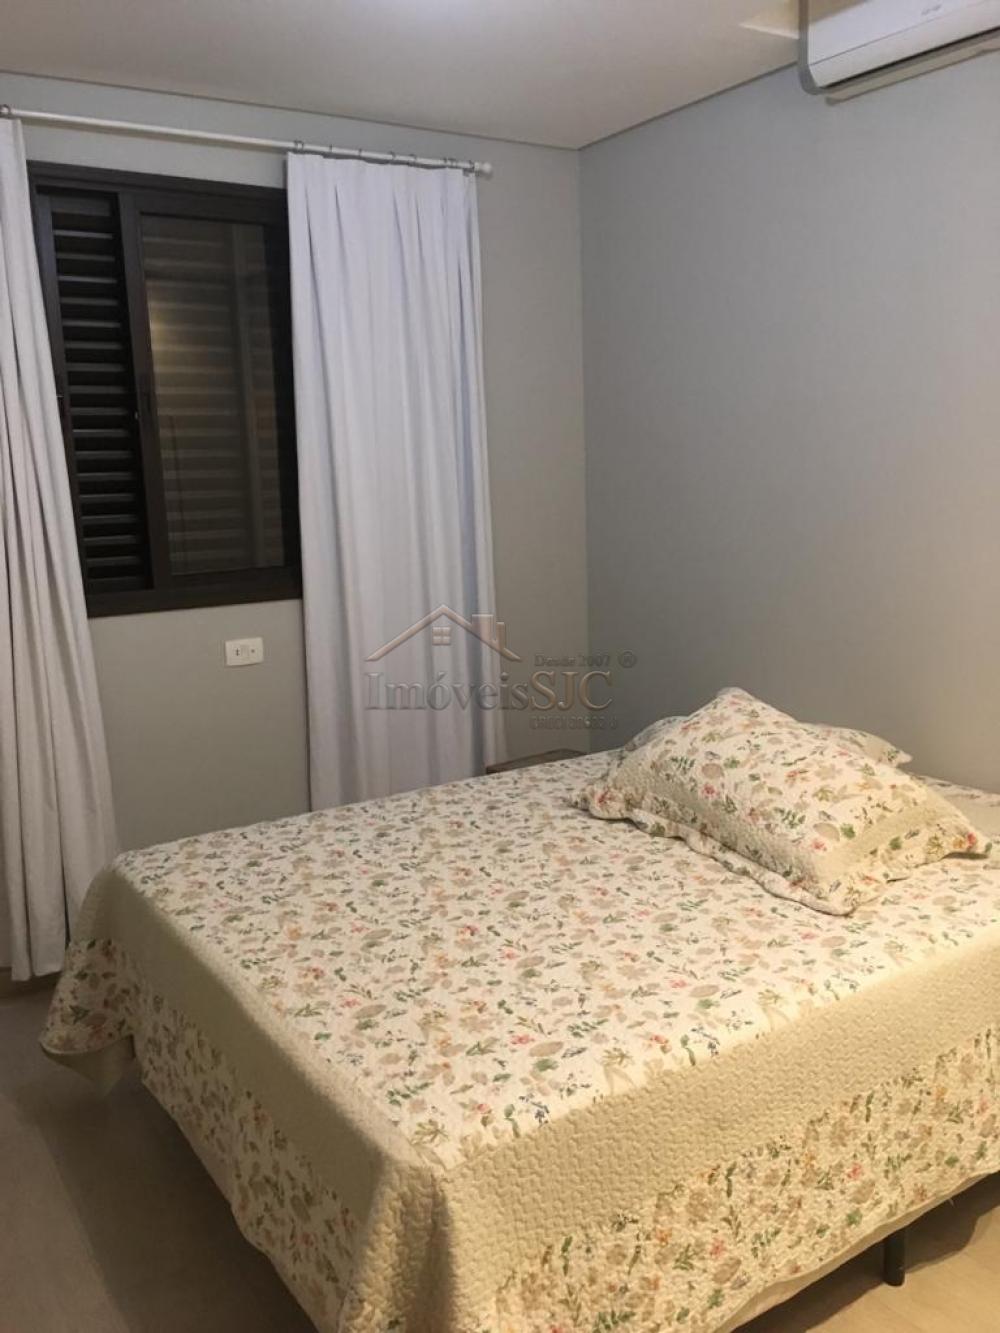 Comprar Apartamentos / Padrão em São José dos Campos apenas R$ 750.000,00 - Foto 26